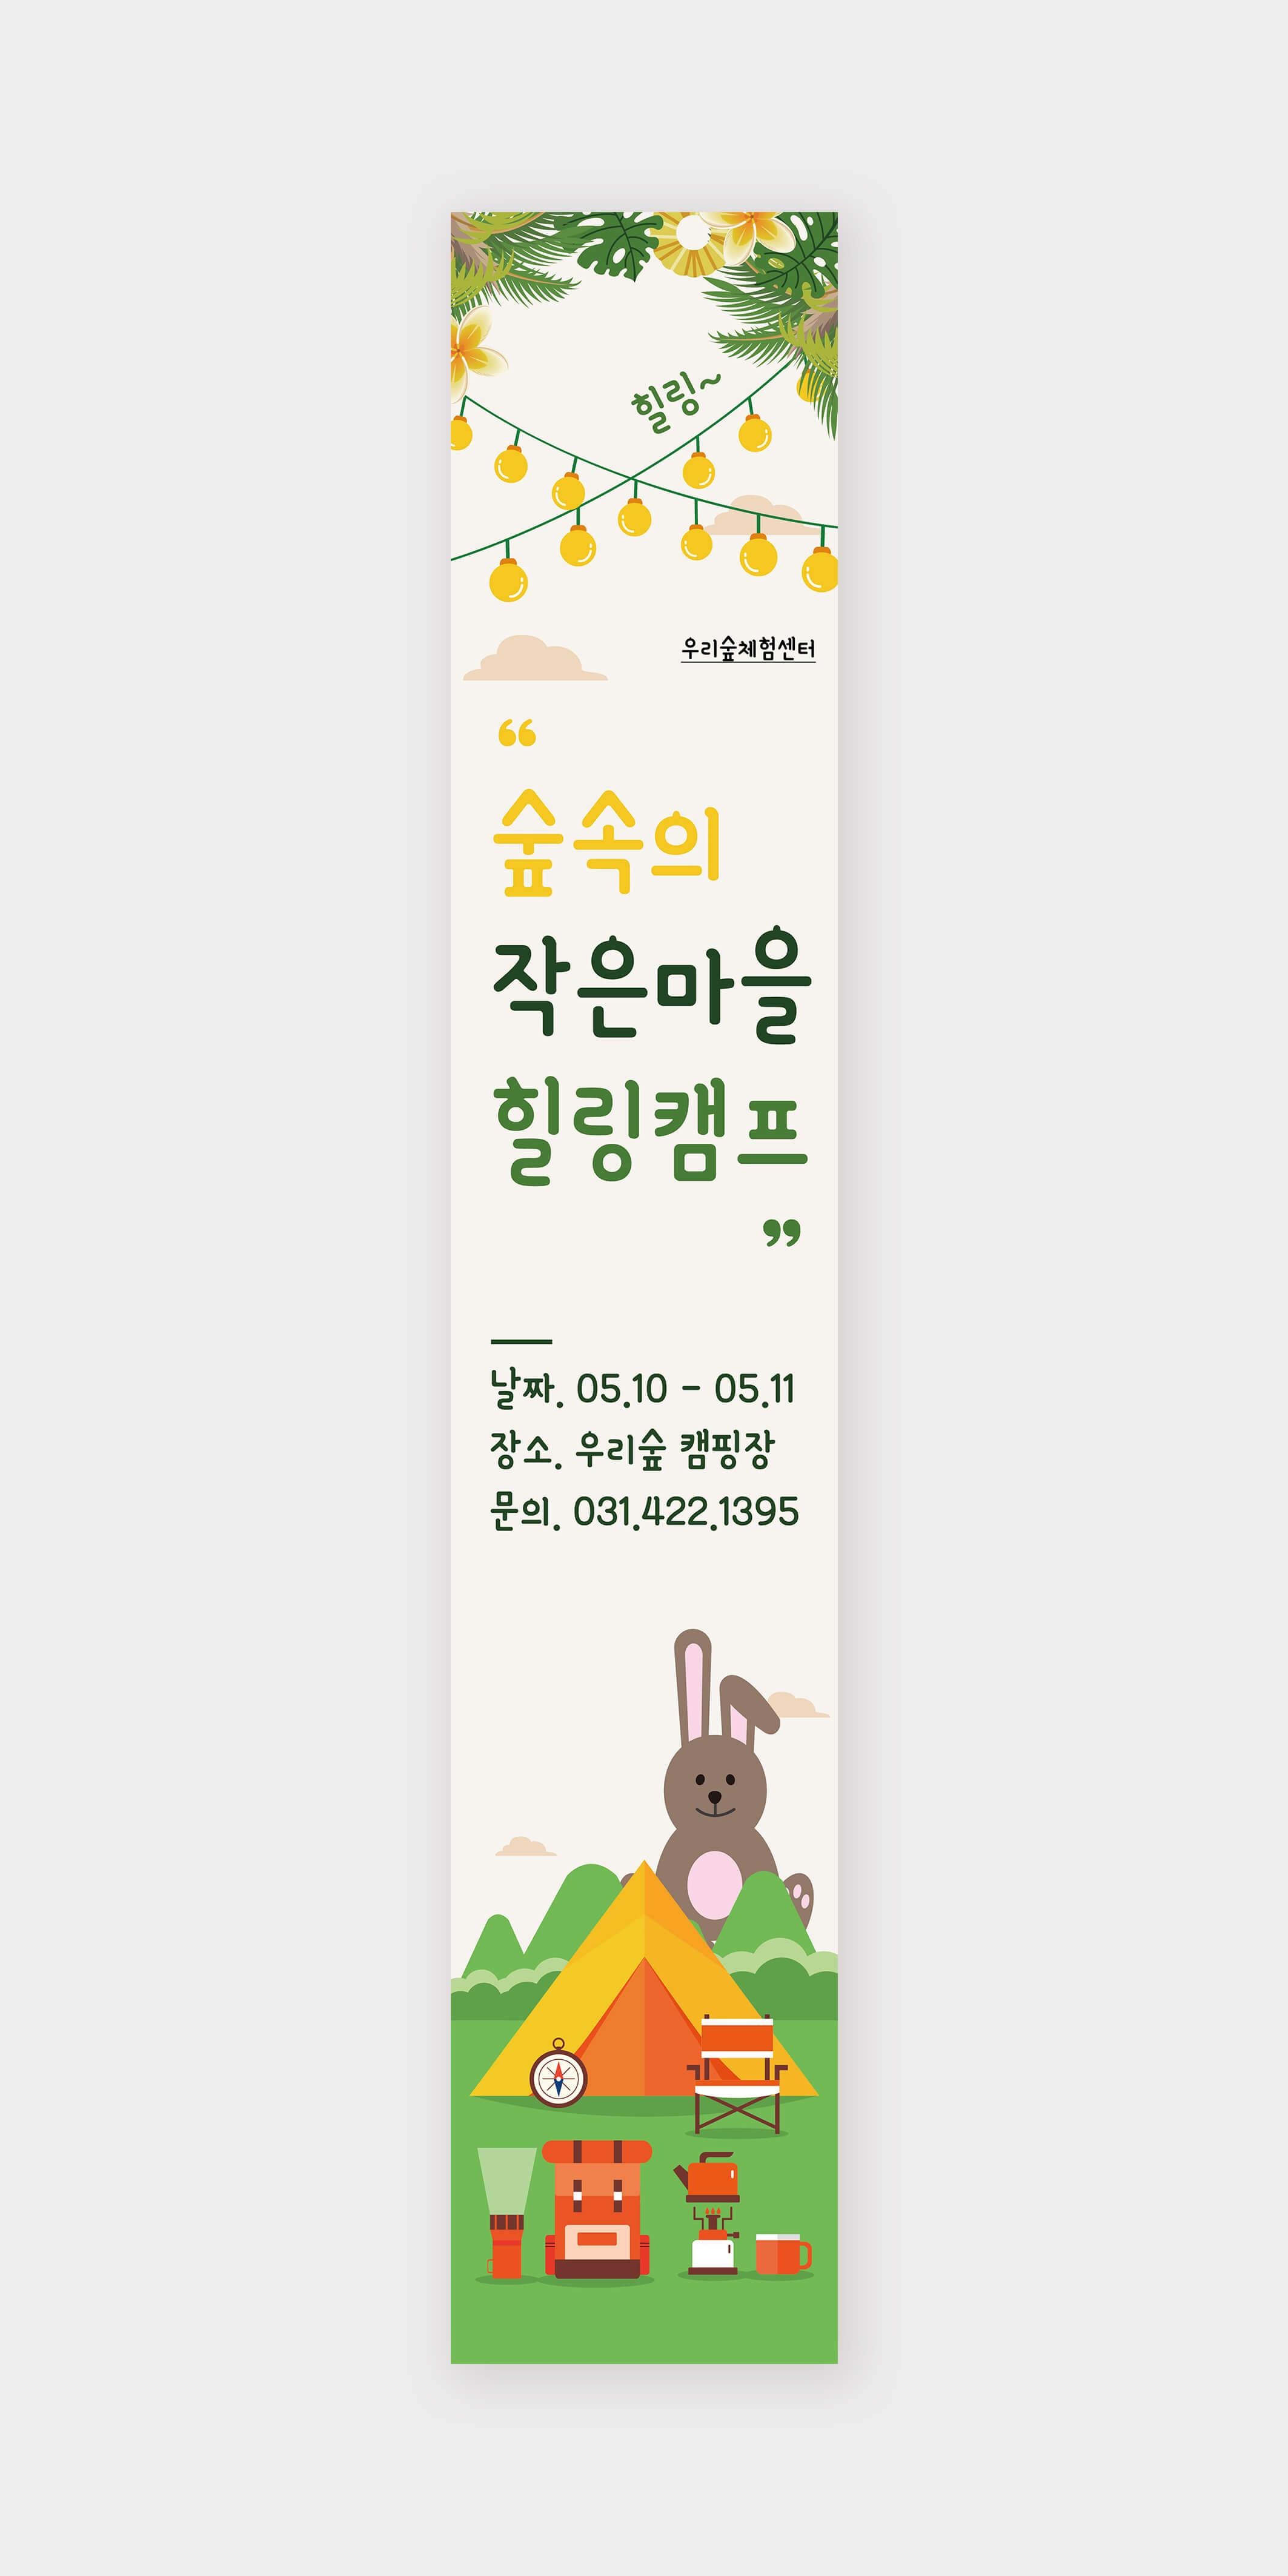 현수막_317